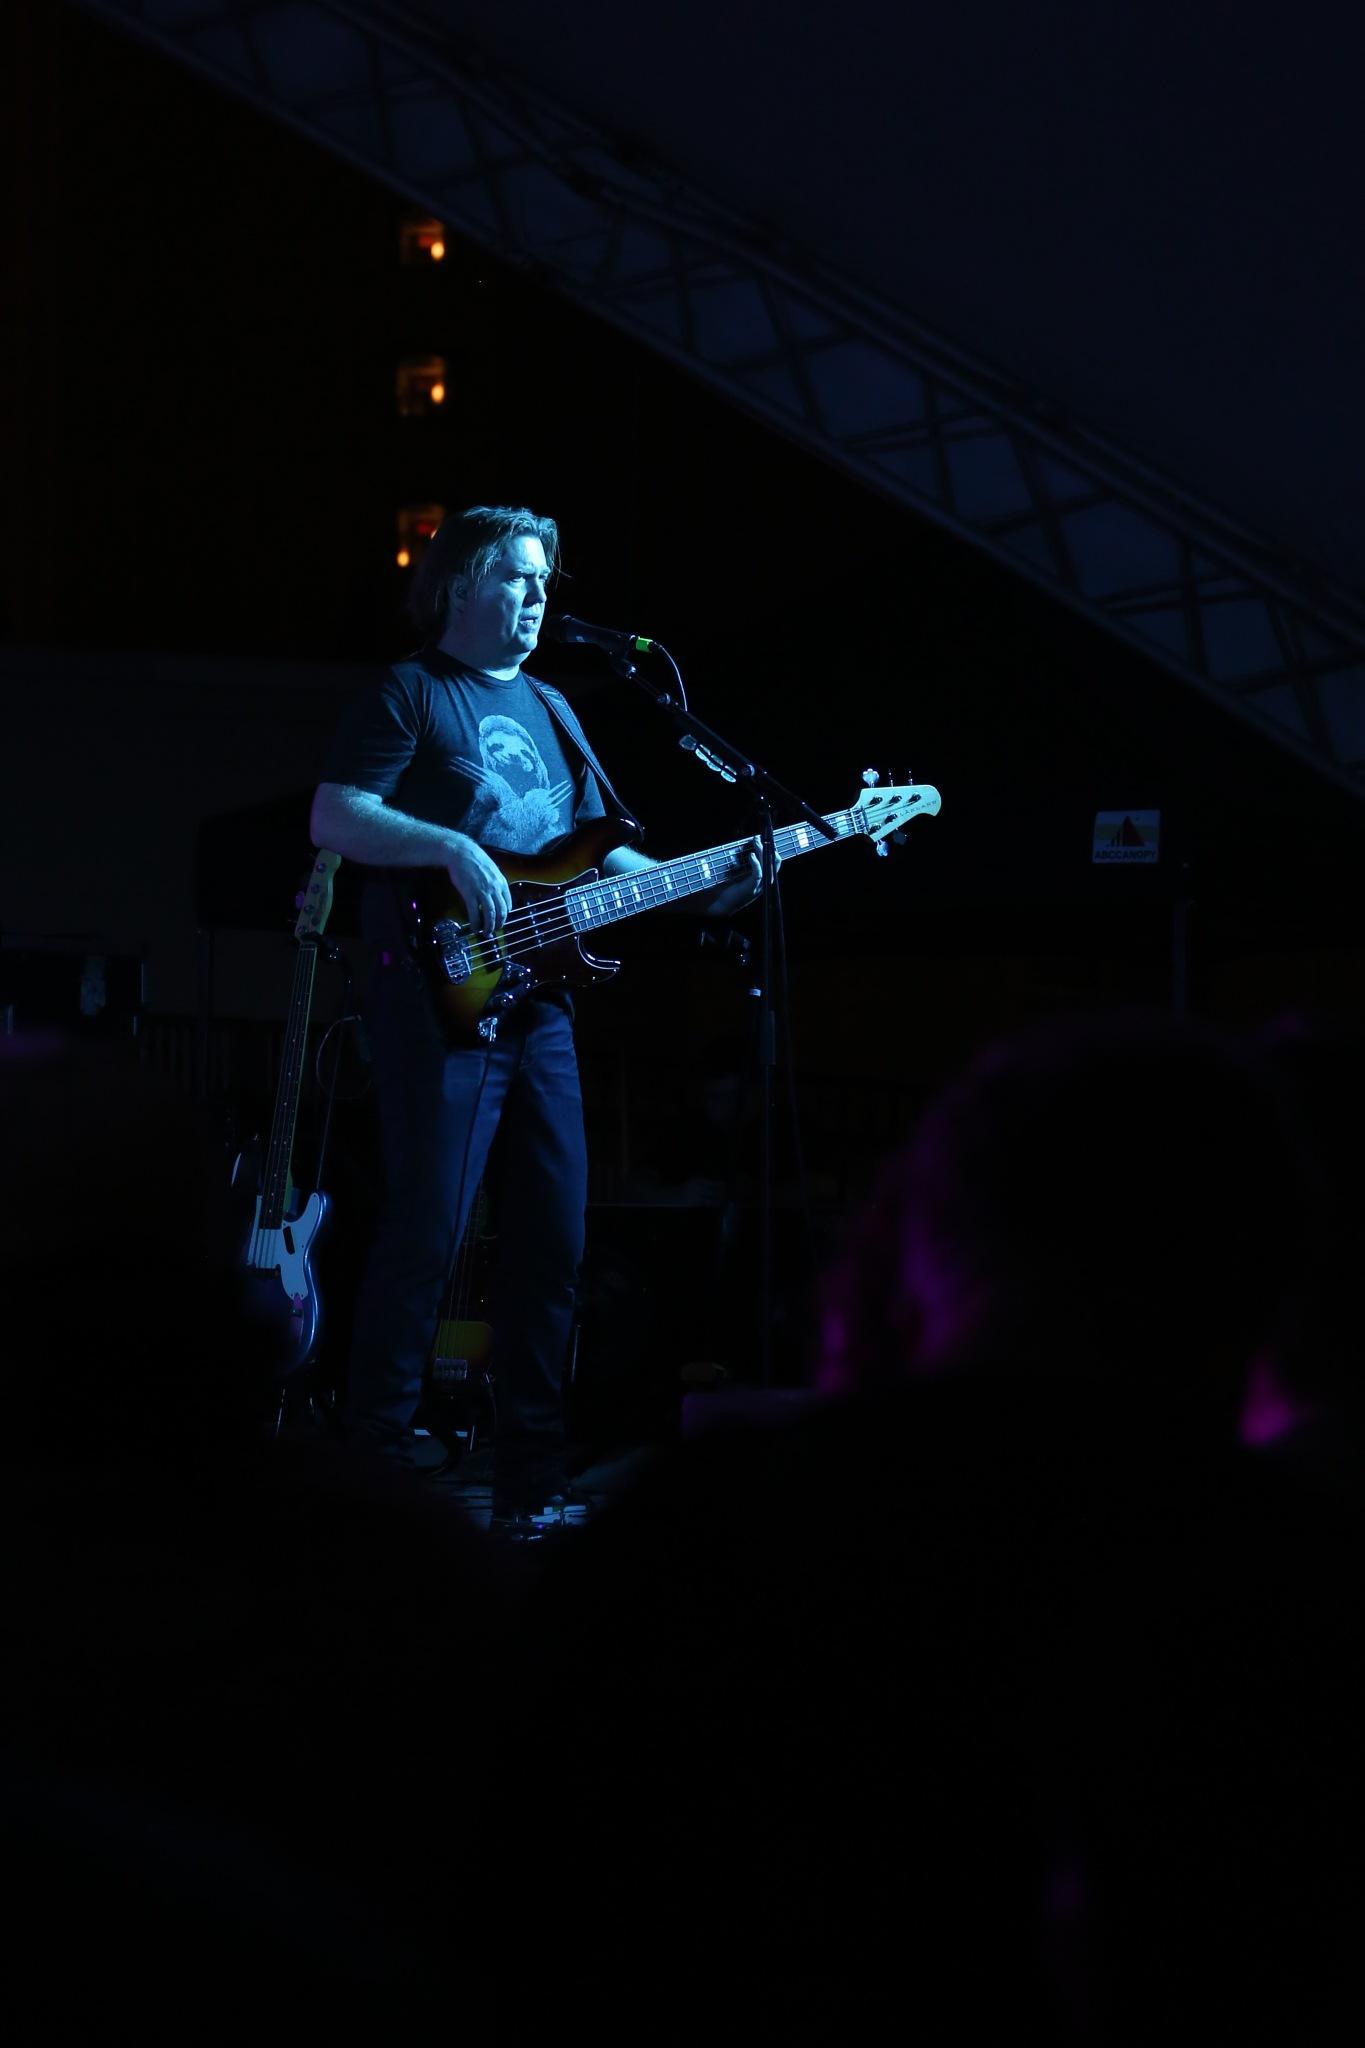 Bassist  by Robert Gayle